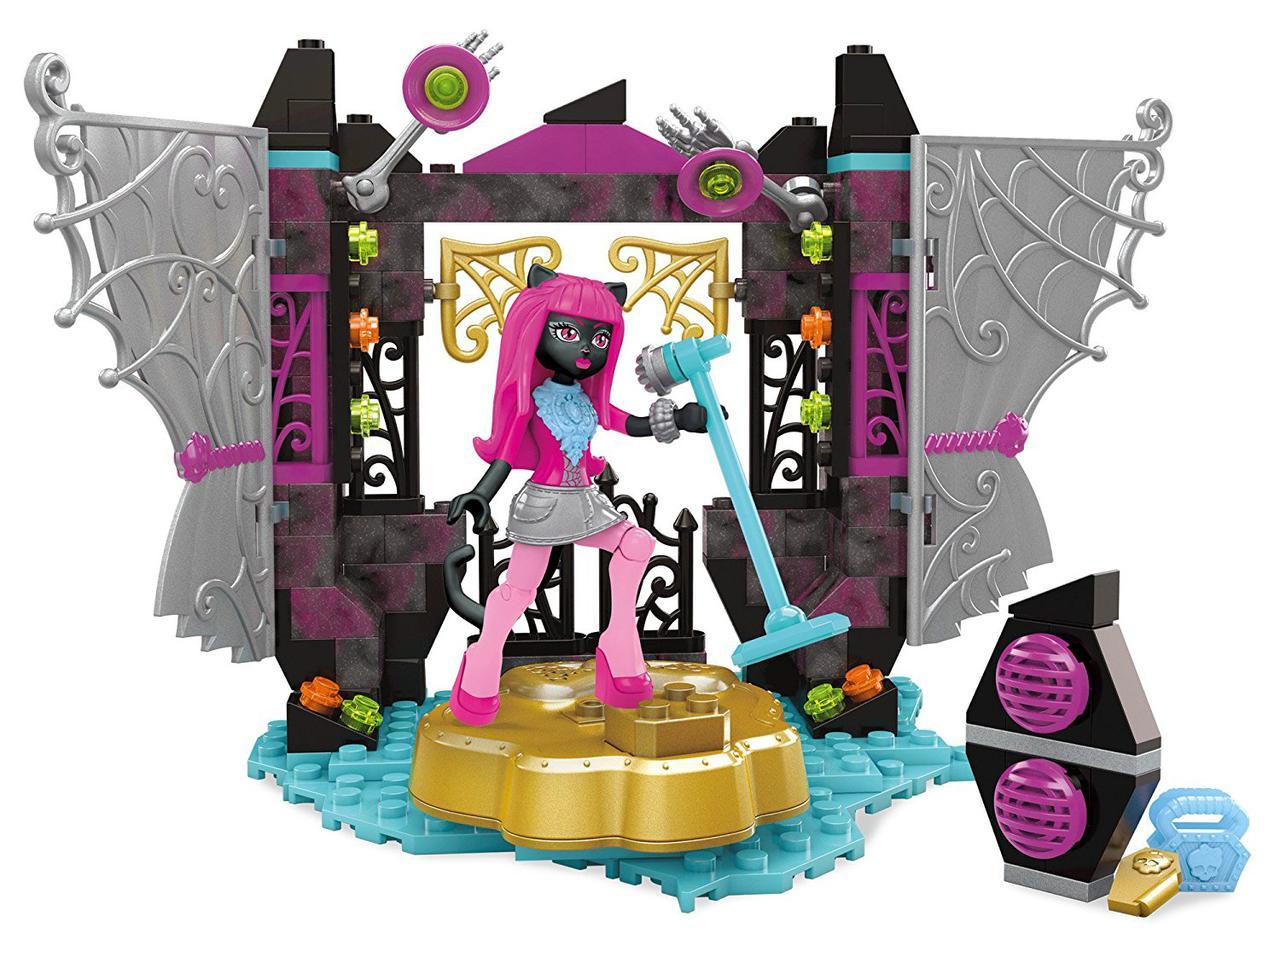 Конструктор Mega Bloks Monster High сцена Кэтти Нуар